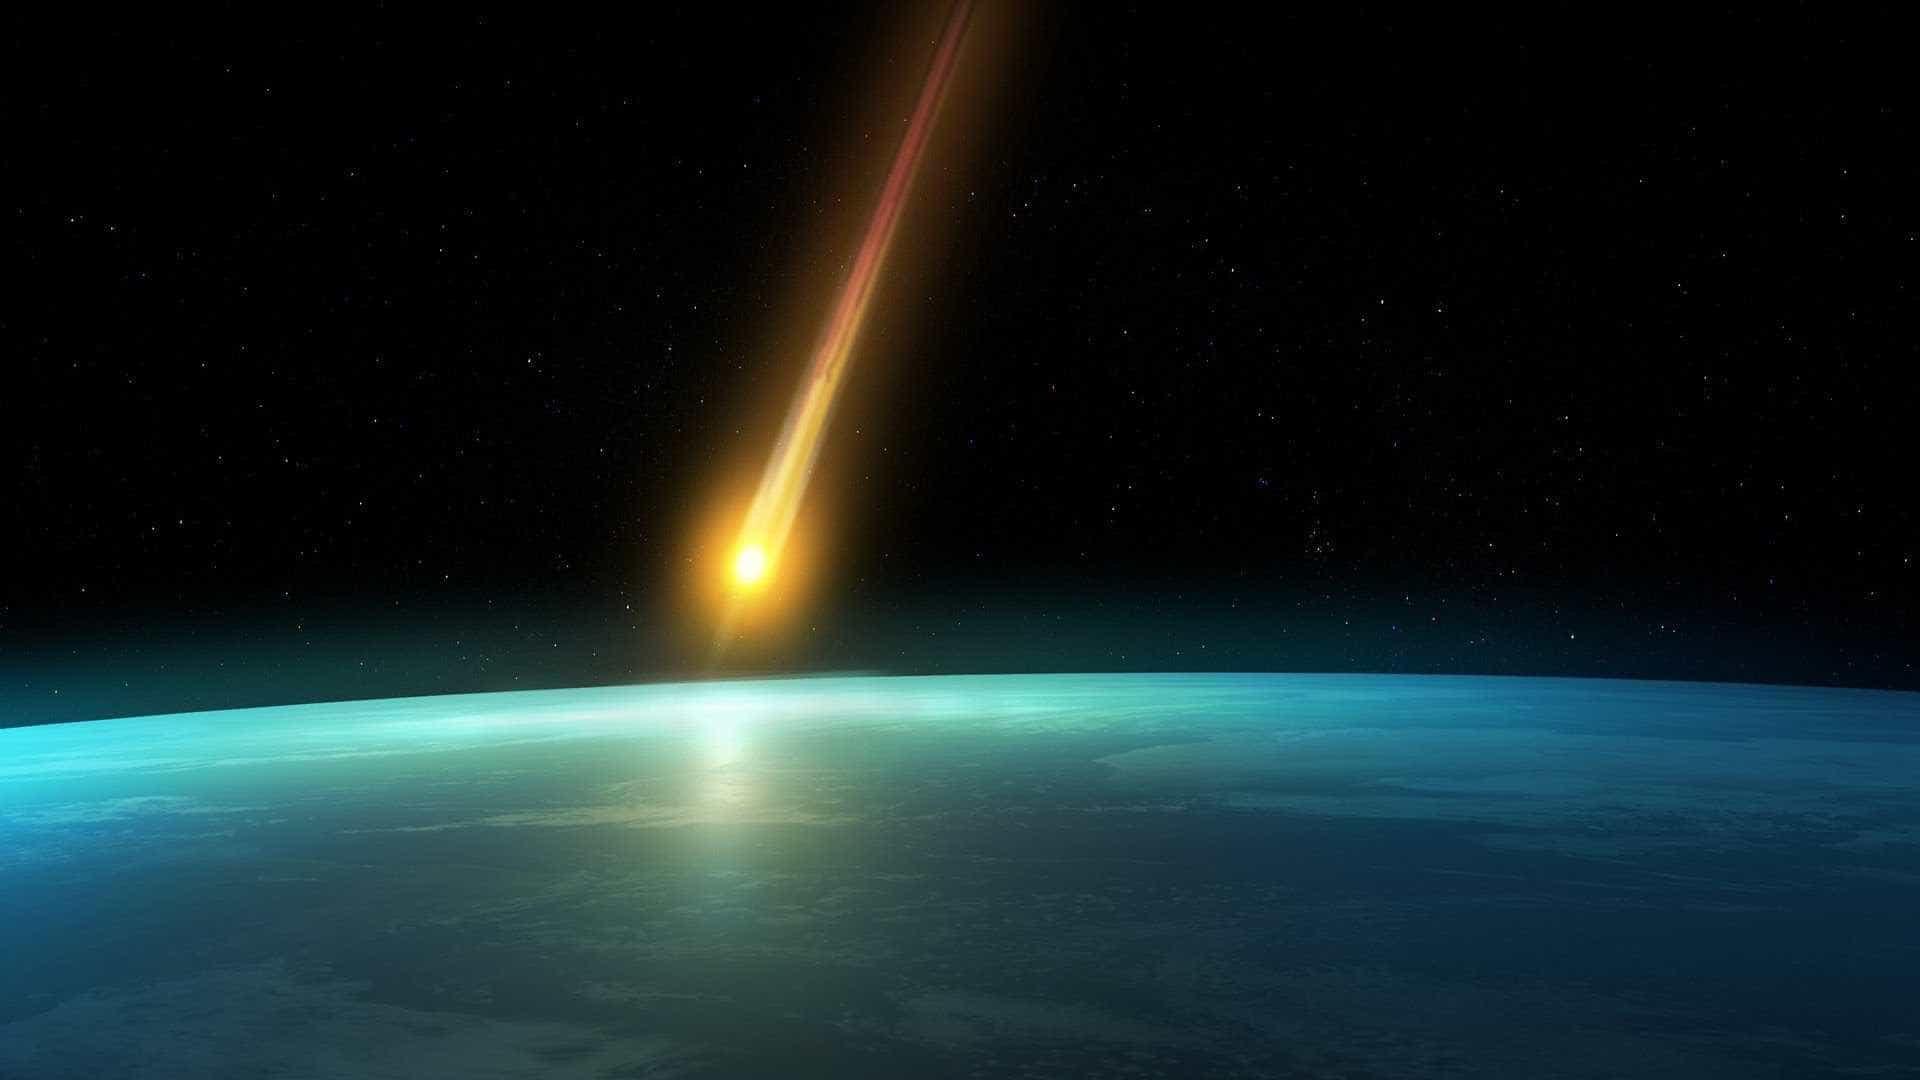 Terra ficou 2 anos na escuridão após extinção dos dinossauros